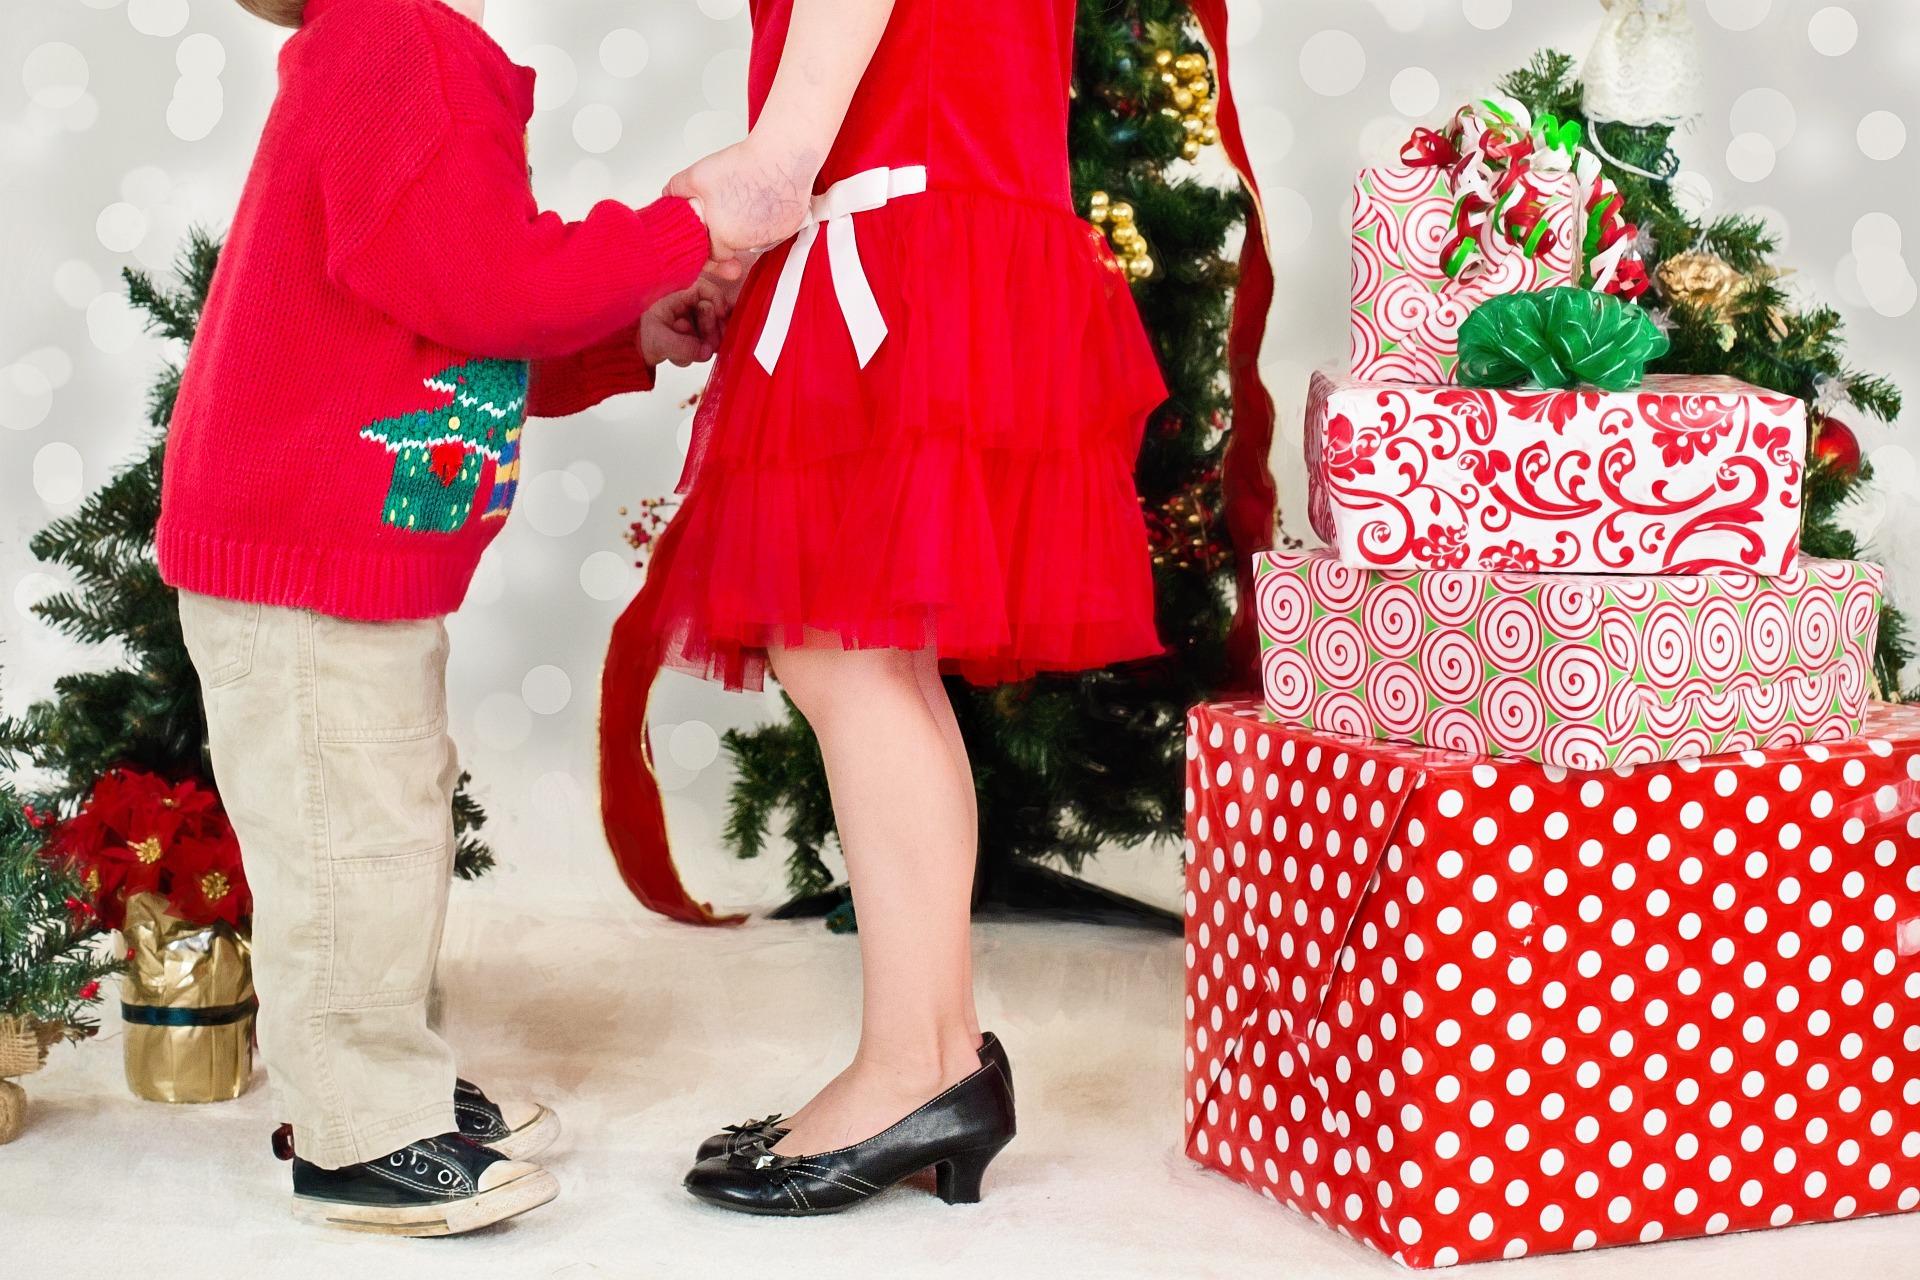 10 Christmas Money Saving Tips